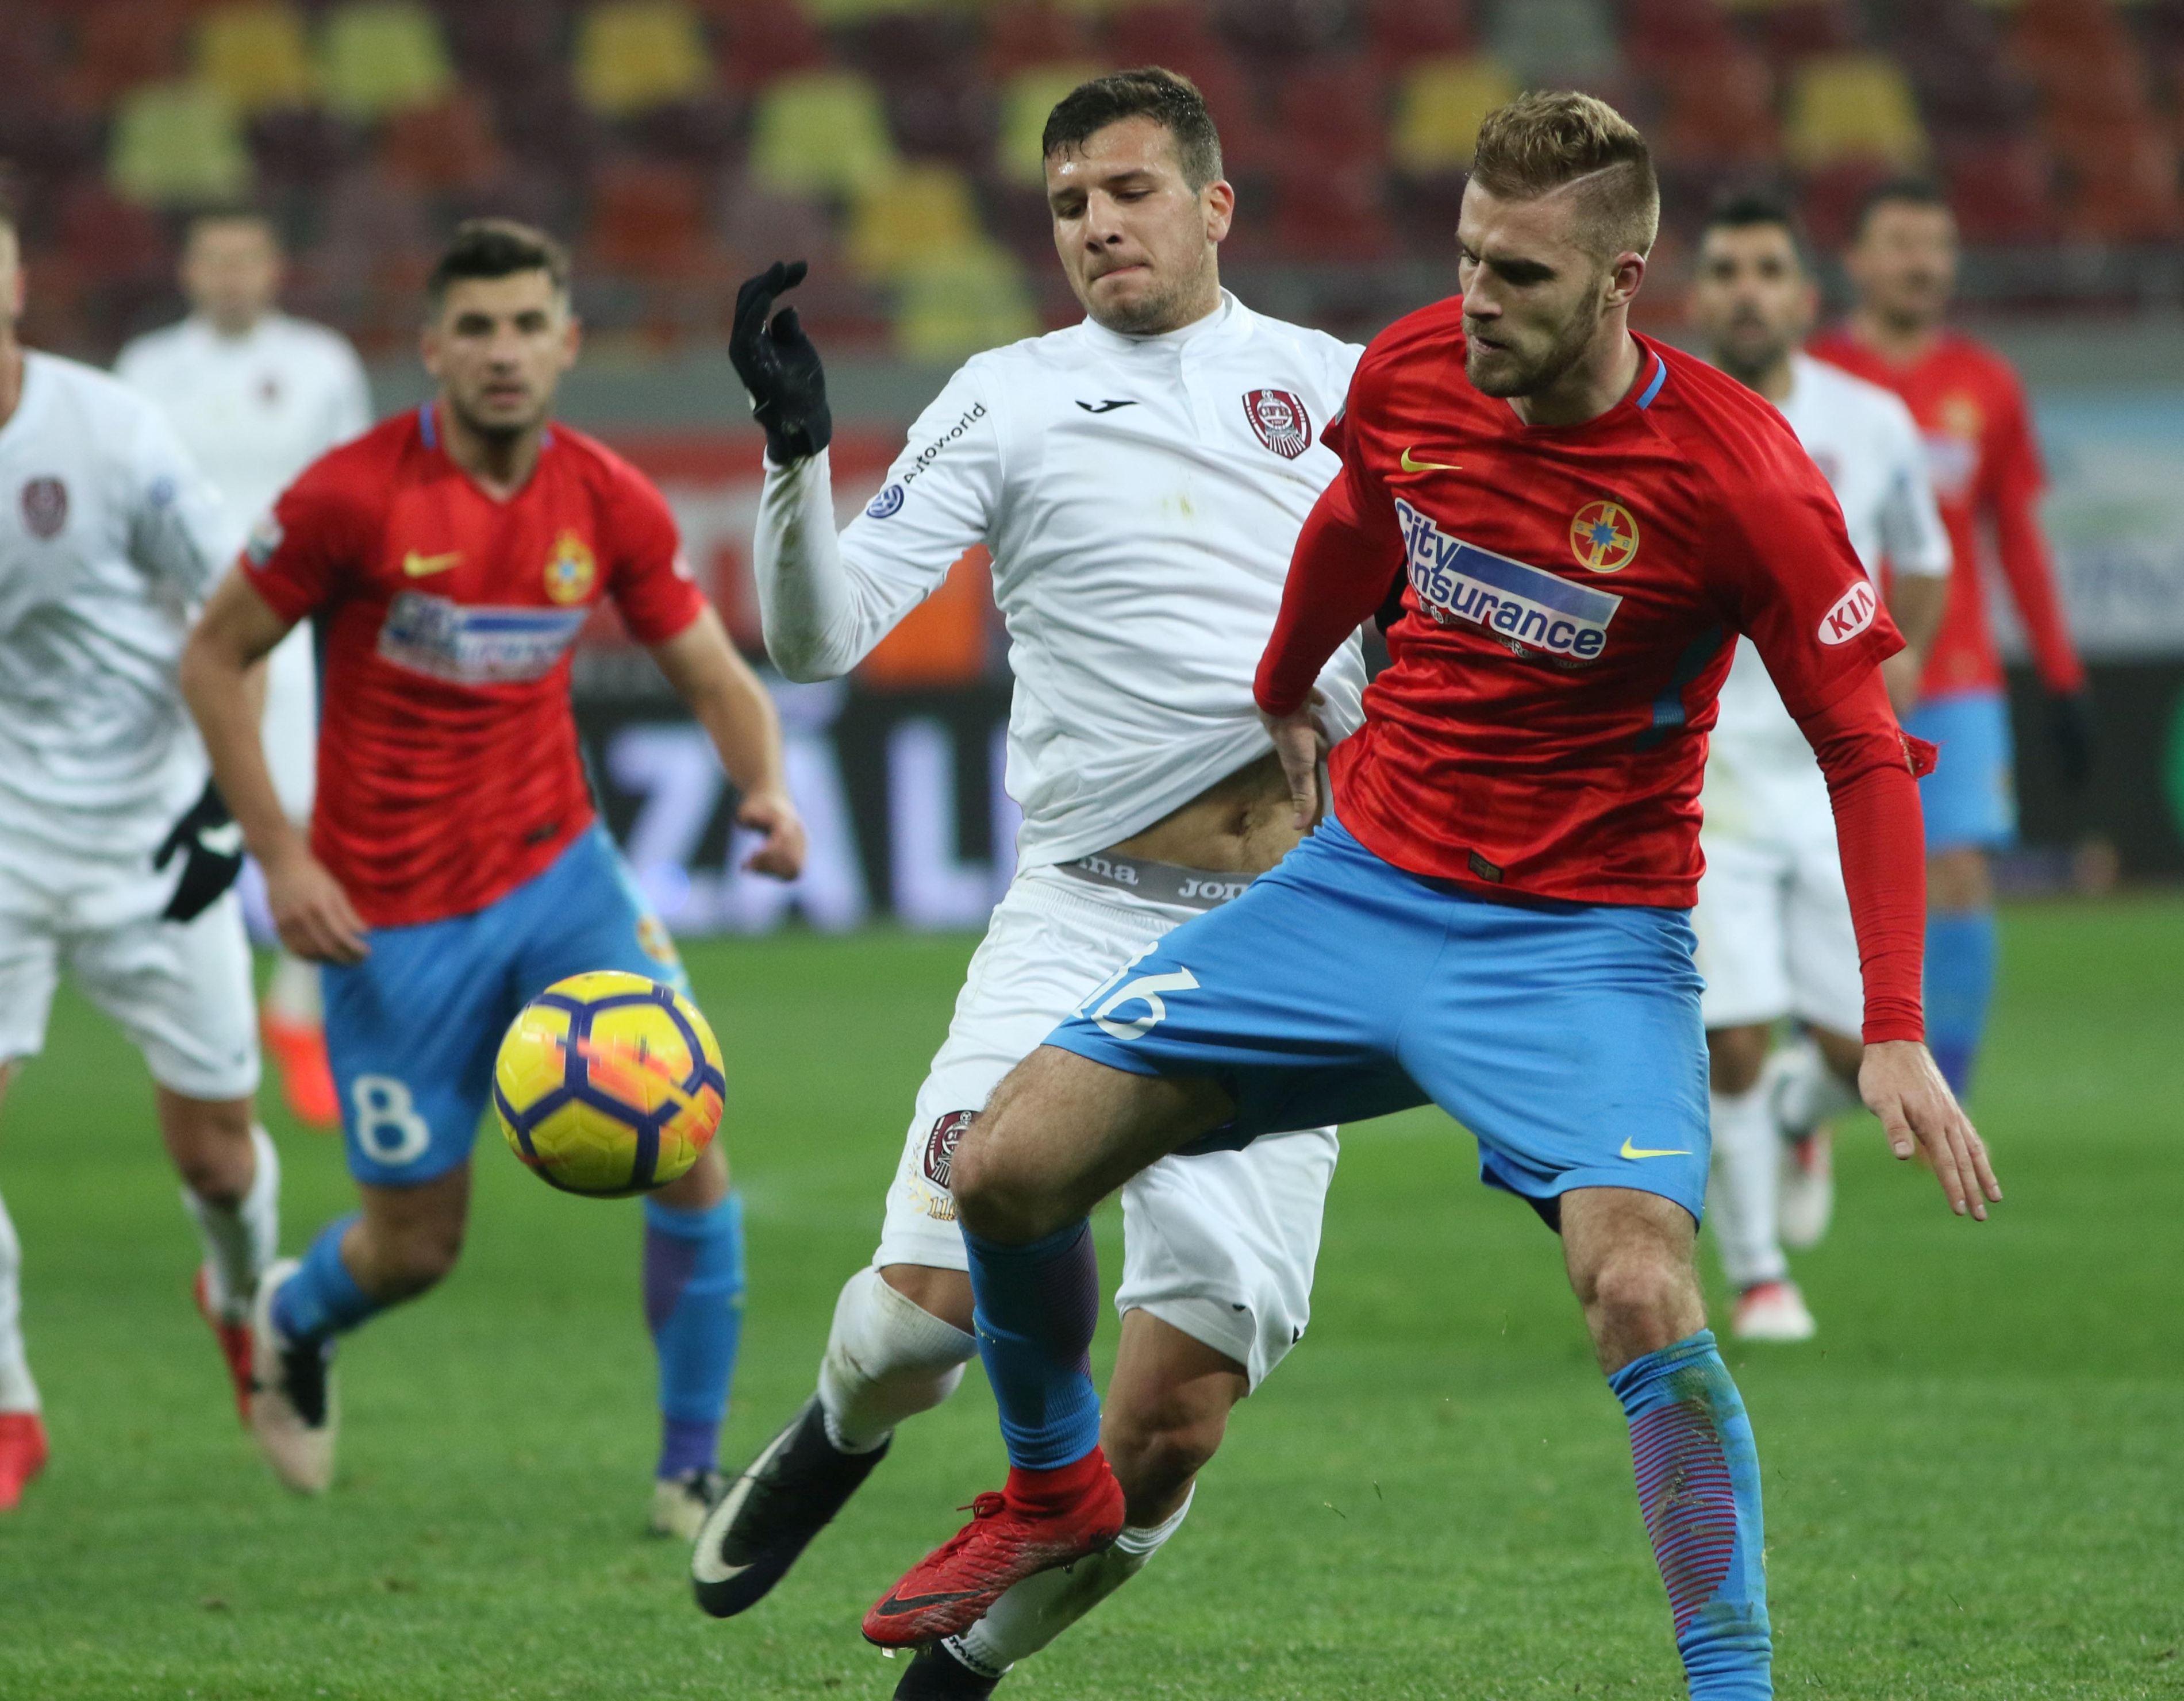 Betano Blog | CFR Cluj – FCSB: Derby-ul egalurilor  |Fcsb- Cfr Cluj